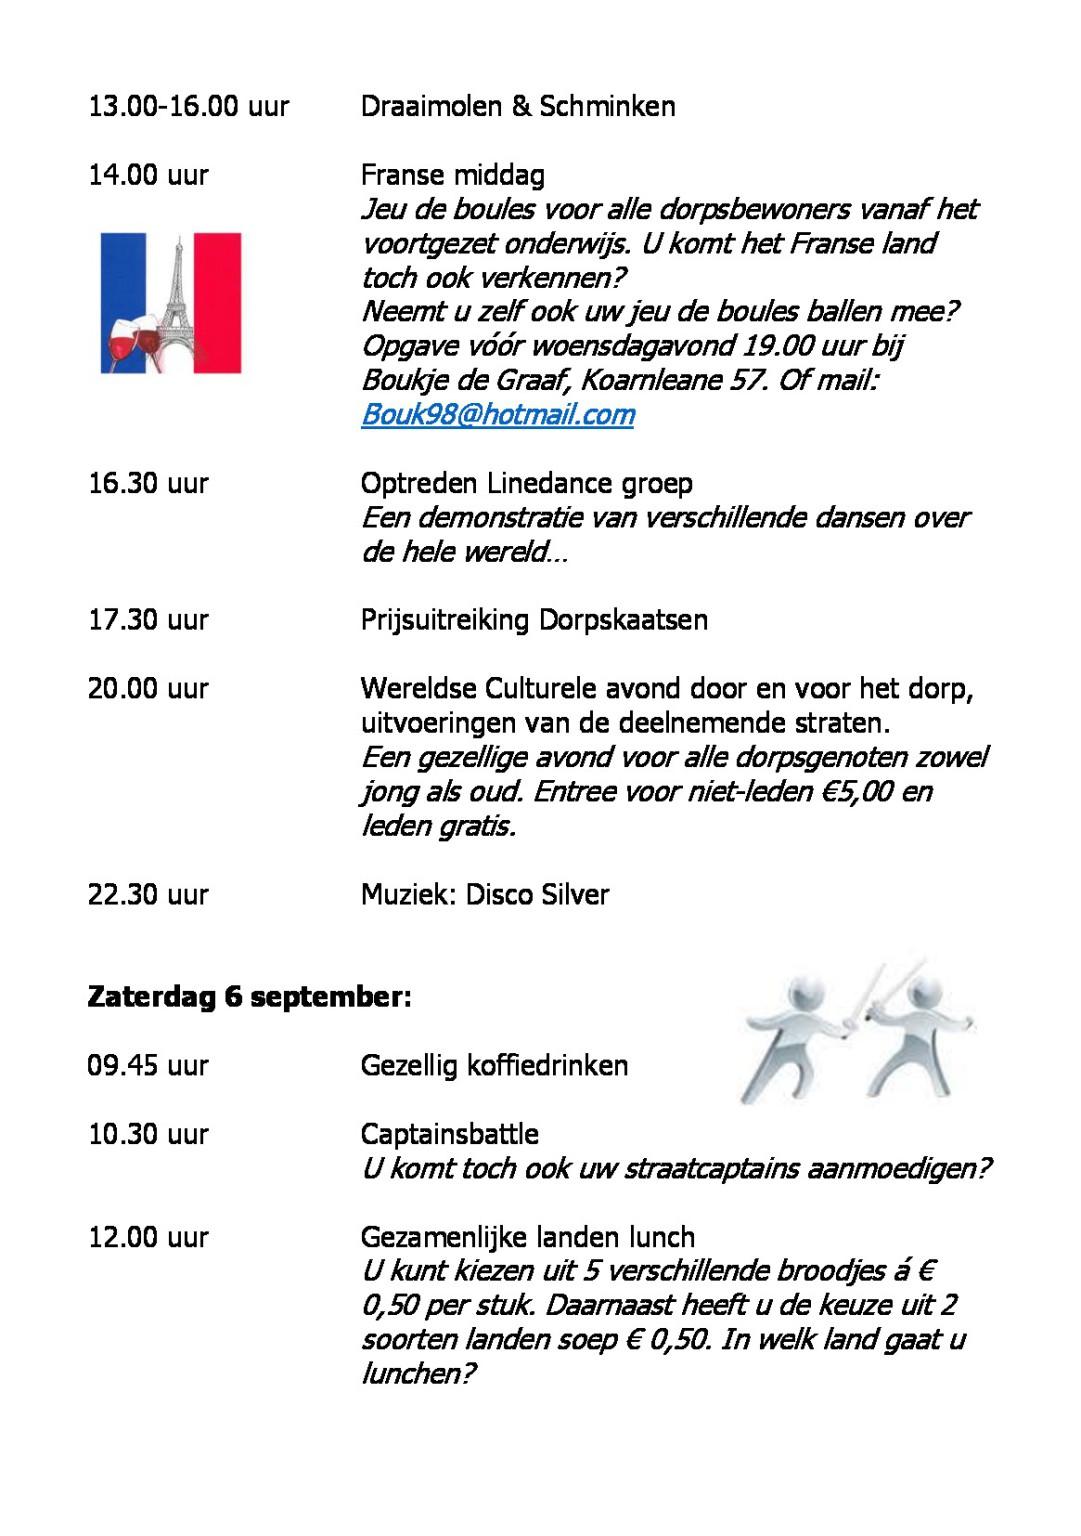 http://www.oranjenijland.nl/wp_oranjenijland/wp-content/uploads/2014/08/540031a00dae3-3-1081x1536.jpg